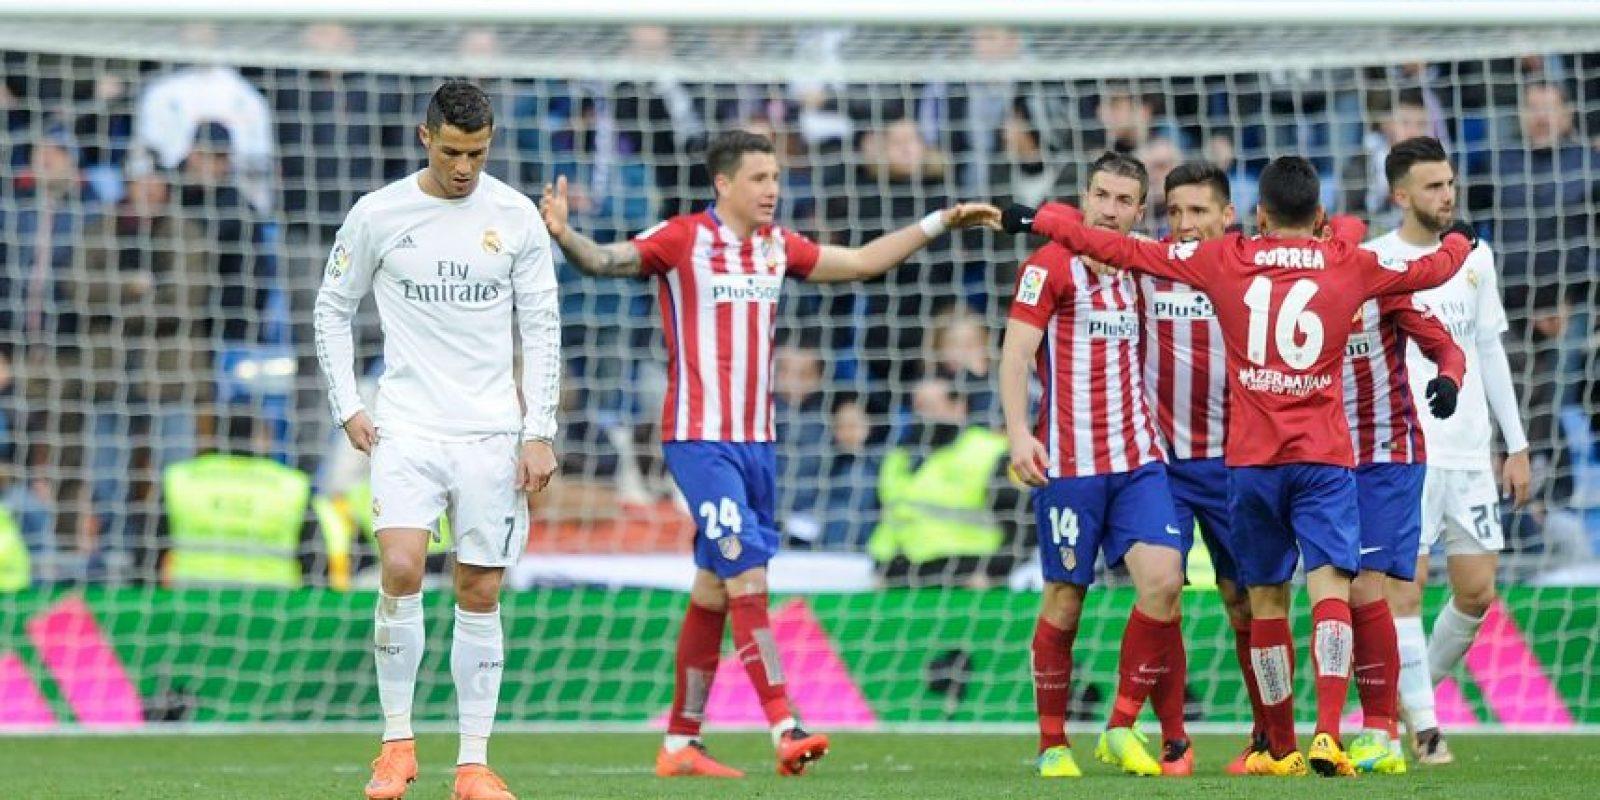 Los bancos perdieron con Atlético de Madrid Foto:Getty Images